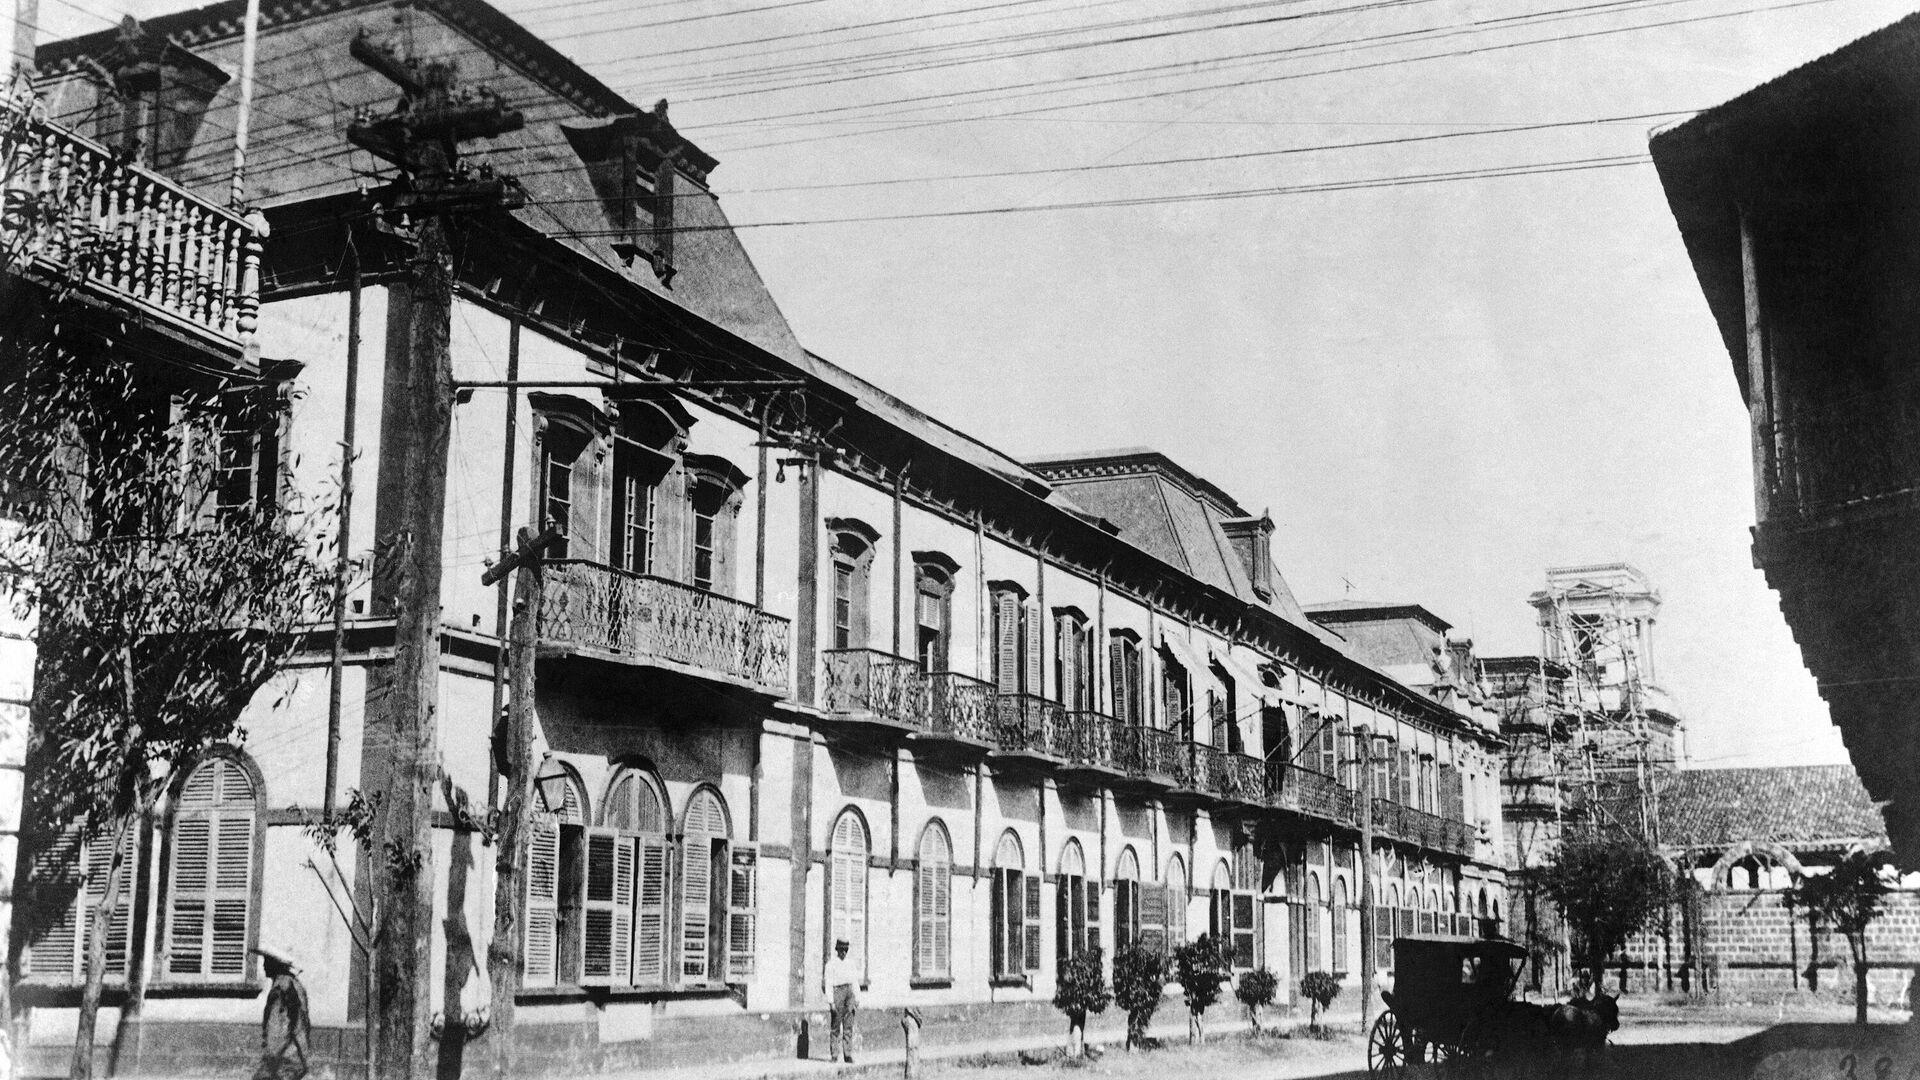 El Palacio Nacional de Managua en 1931, antes de ser golpeado por el terremoto del 31 de marzo - Sputnik Mundo, 1920, 30.03.2021